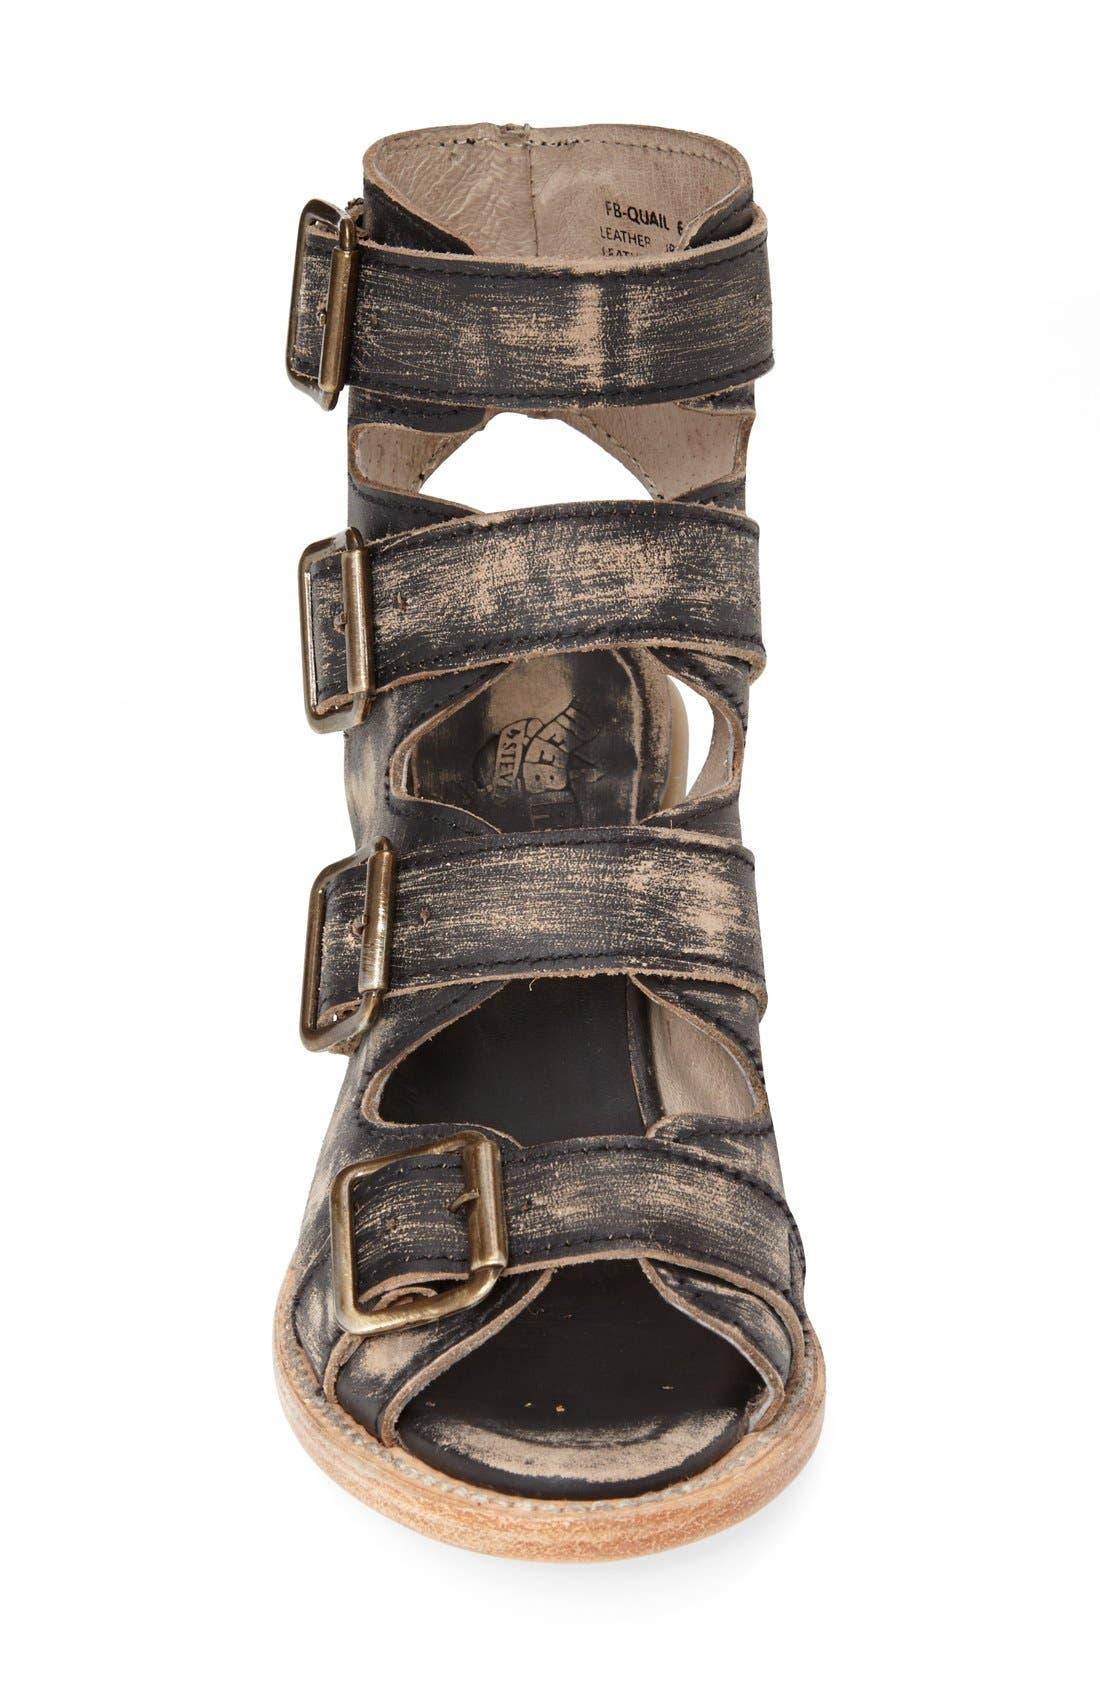 Alternate Image 3  - Freebird by Steven 'Quail' Open Toe Leather Bootie (Women)